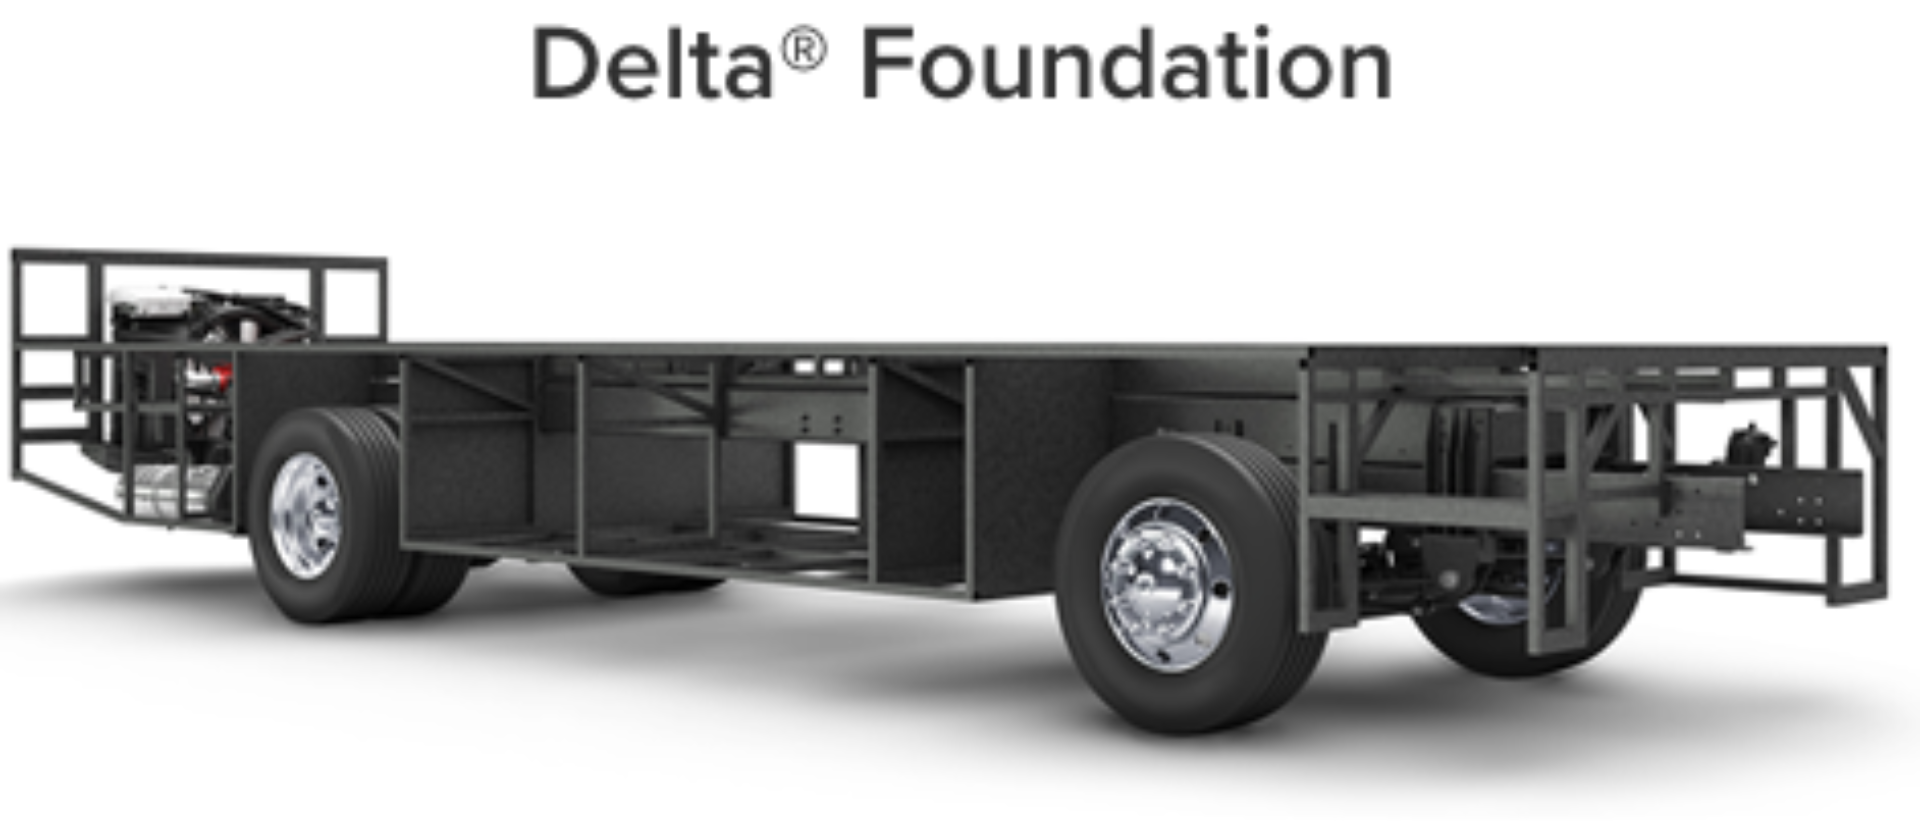 Delta foundation r